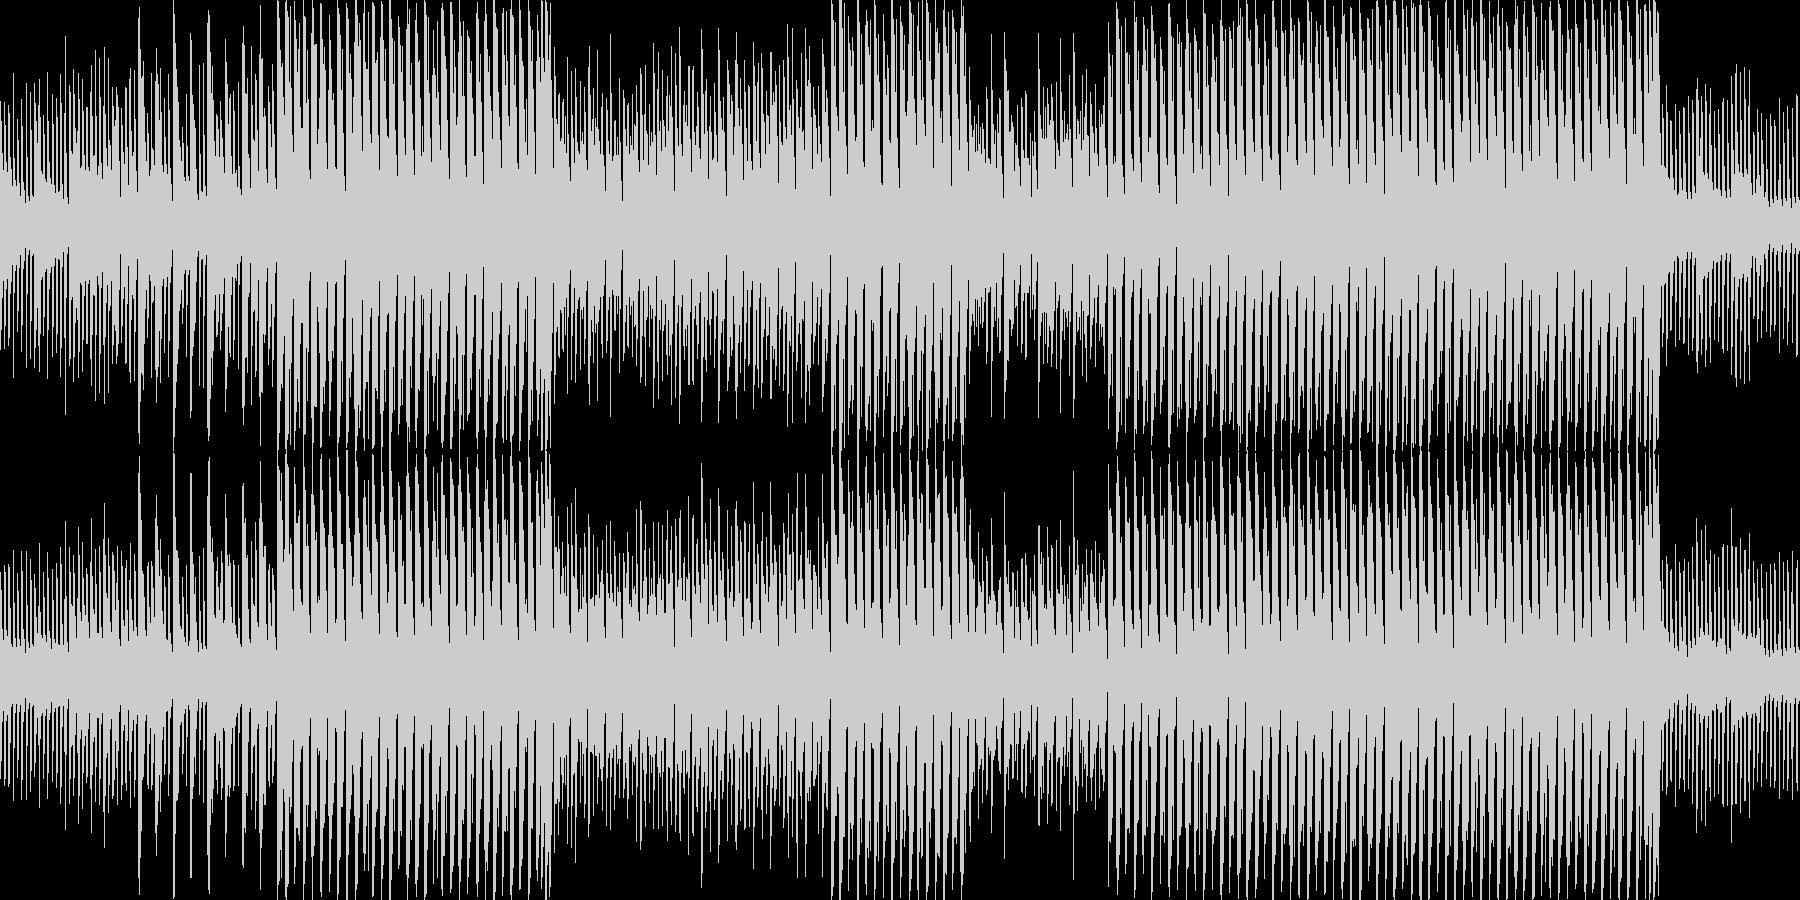 安心できる世界をな曲(ループ仕様)の未再生の波形